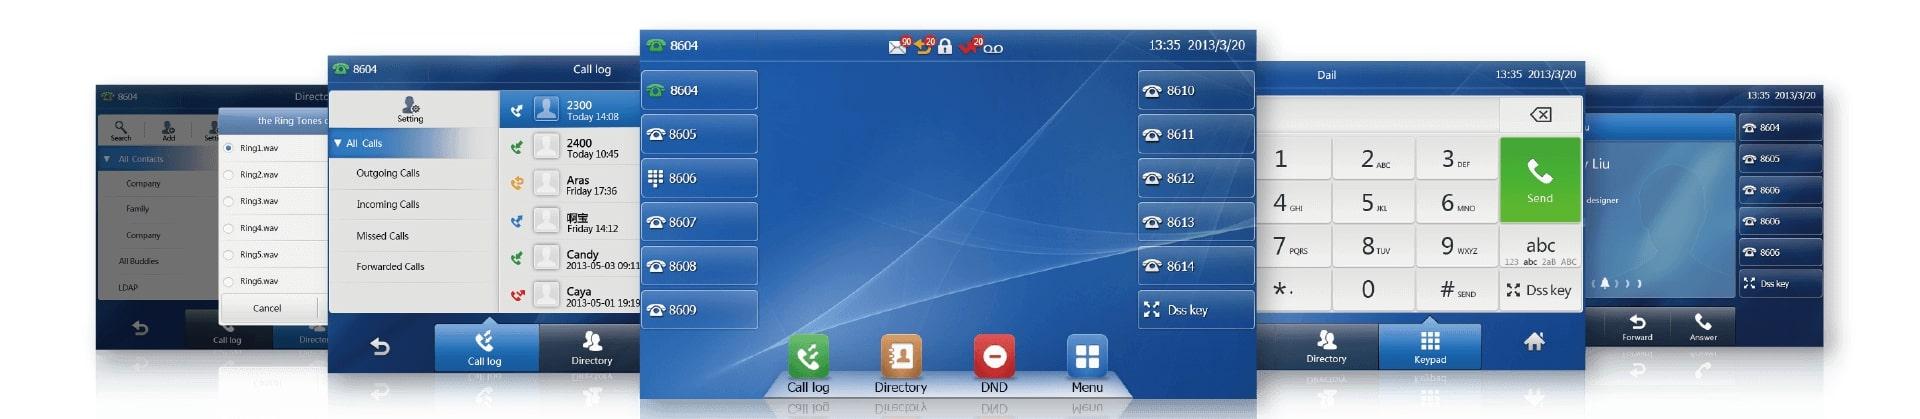 Улучшенный пользовательский интерфейсвтелефонах Yealink серииT4